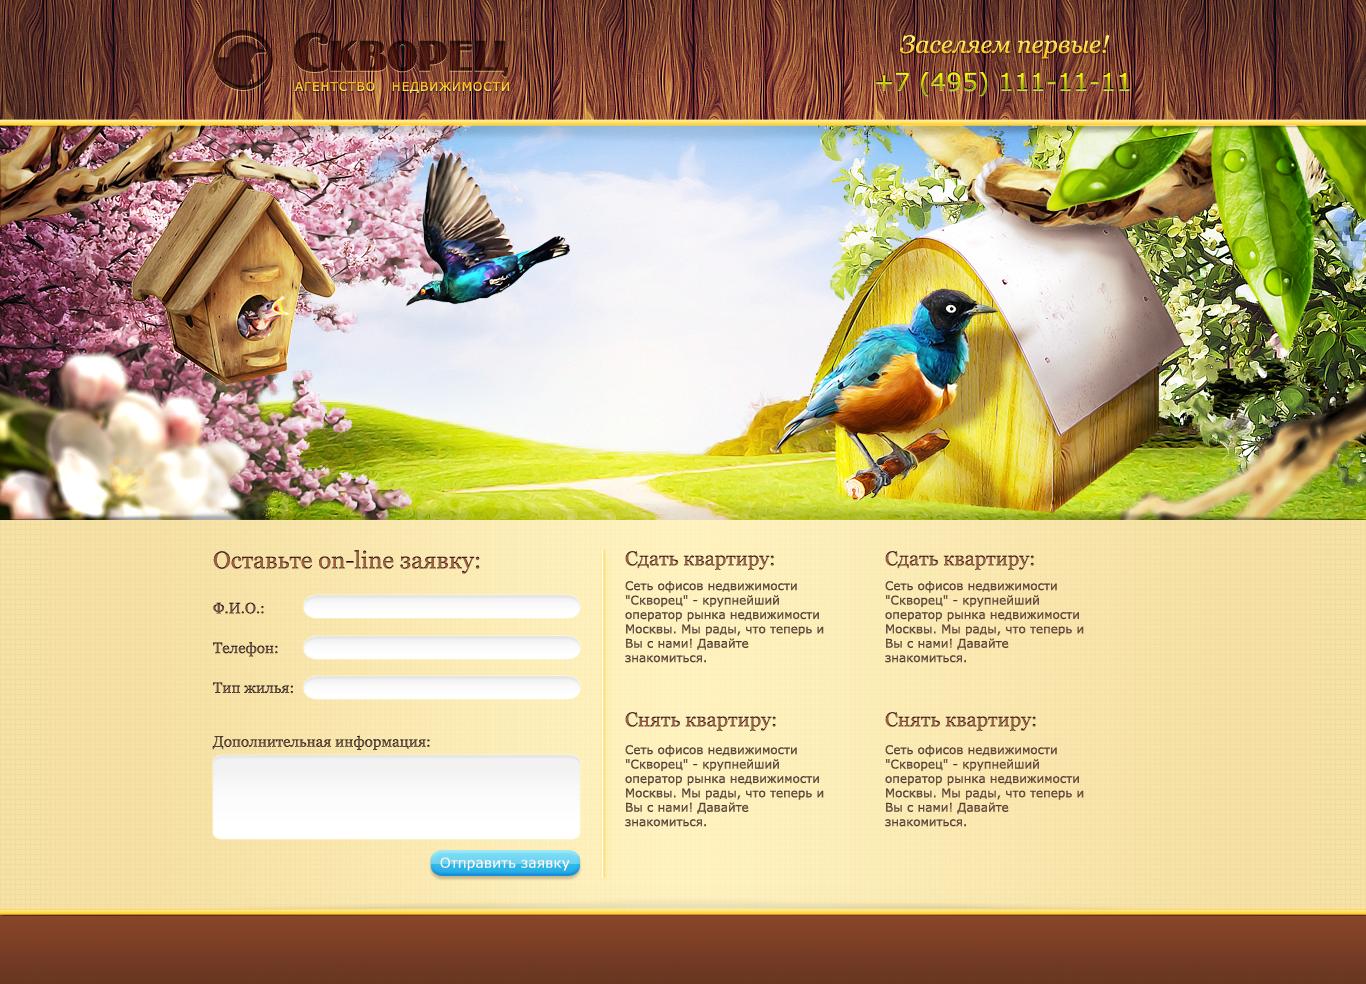 Дизайн главной страницы сайта фото f_503d492705013.png